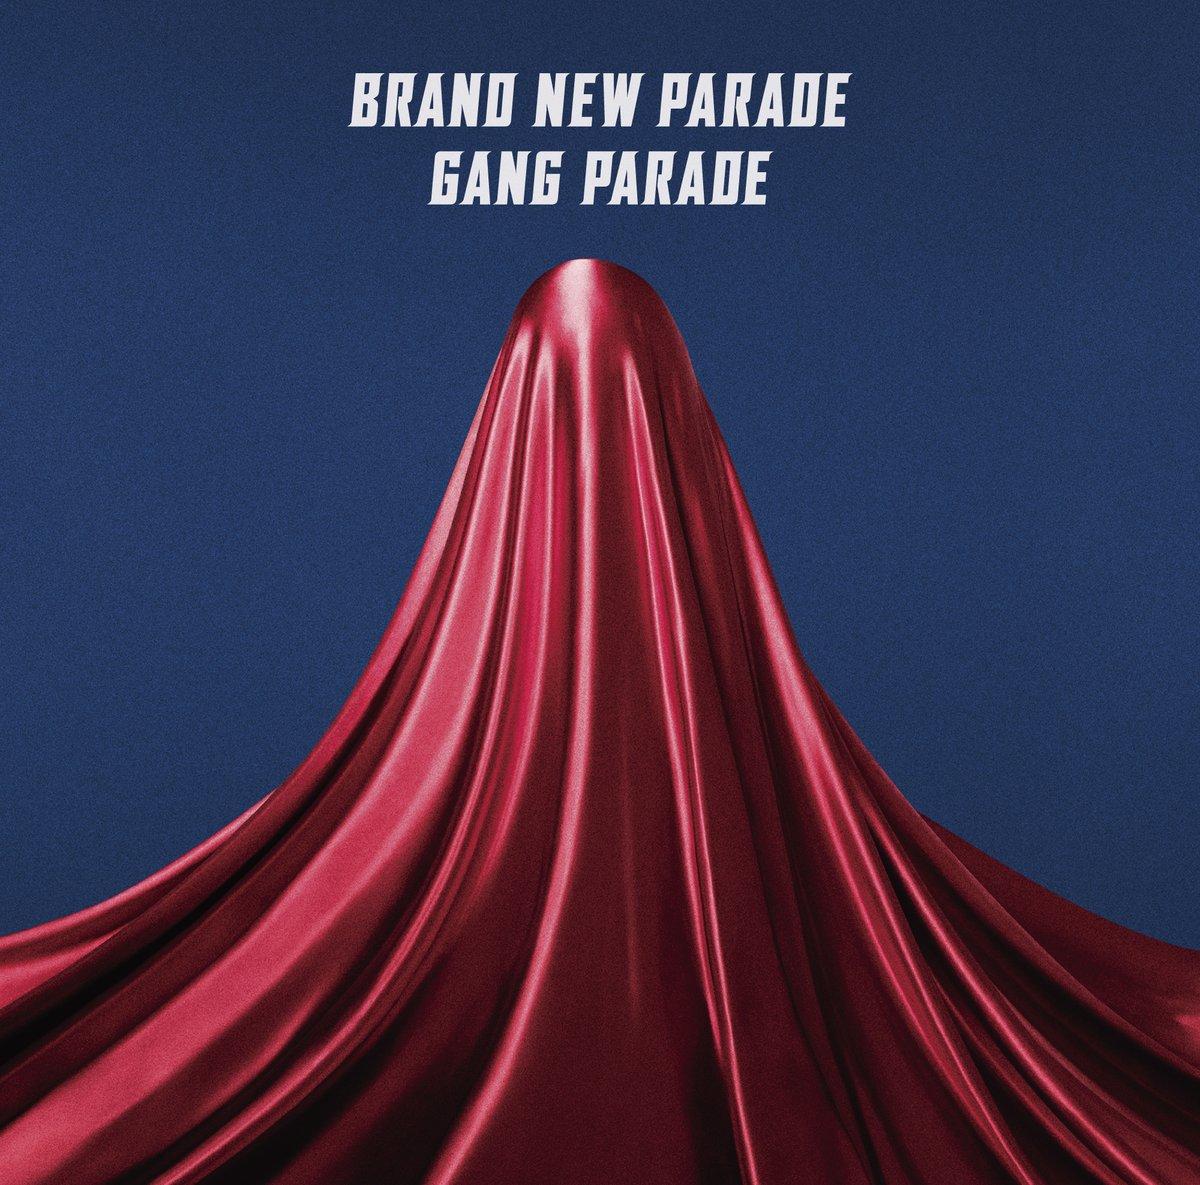 BRAND NEW PARADE